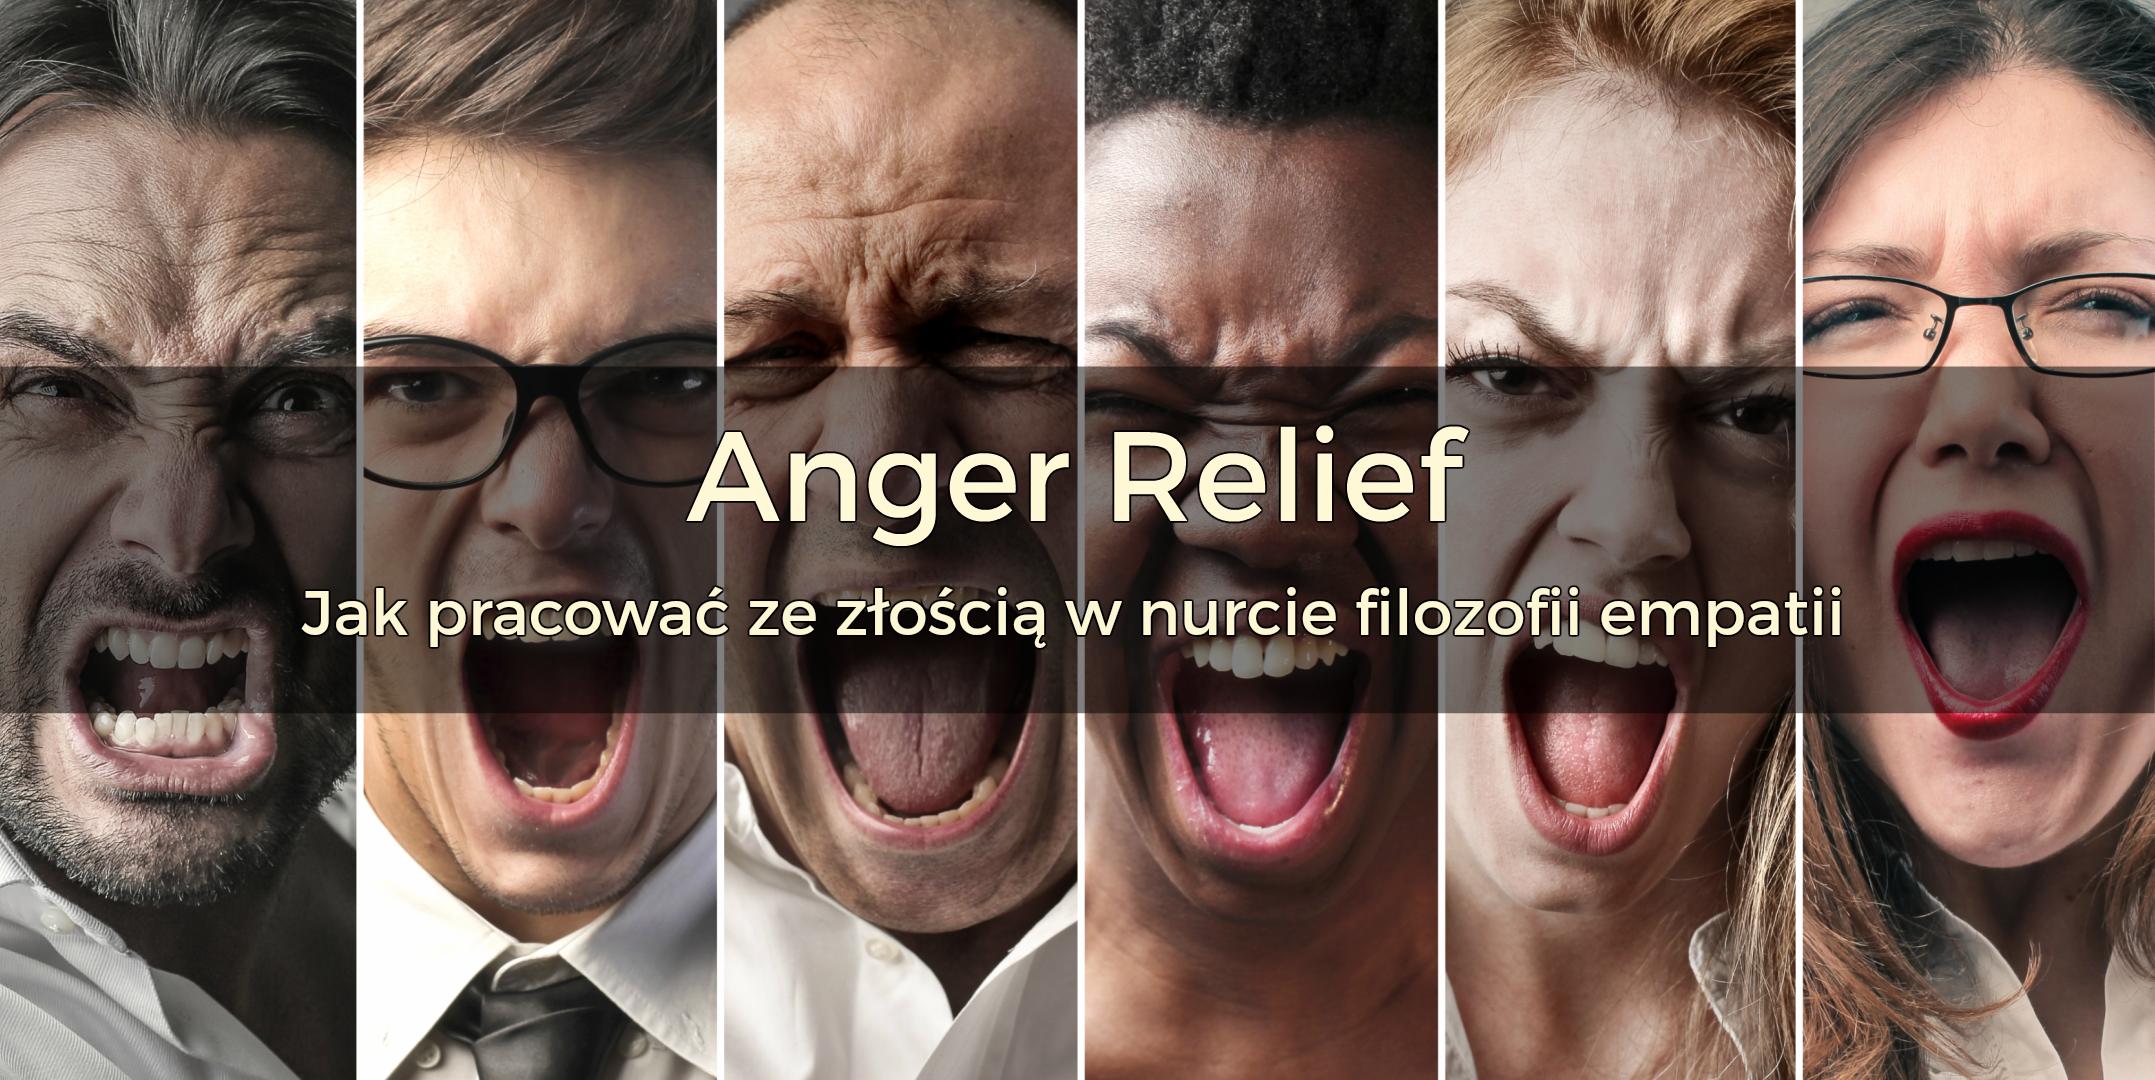 Anger Relief – jak pracować ze złością w nurcie filozofii empatii | 10-11 lutego 2018 | Warszawa